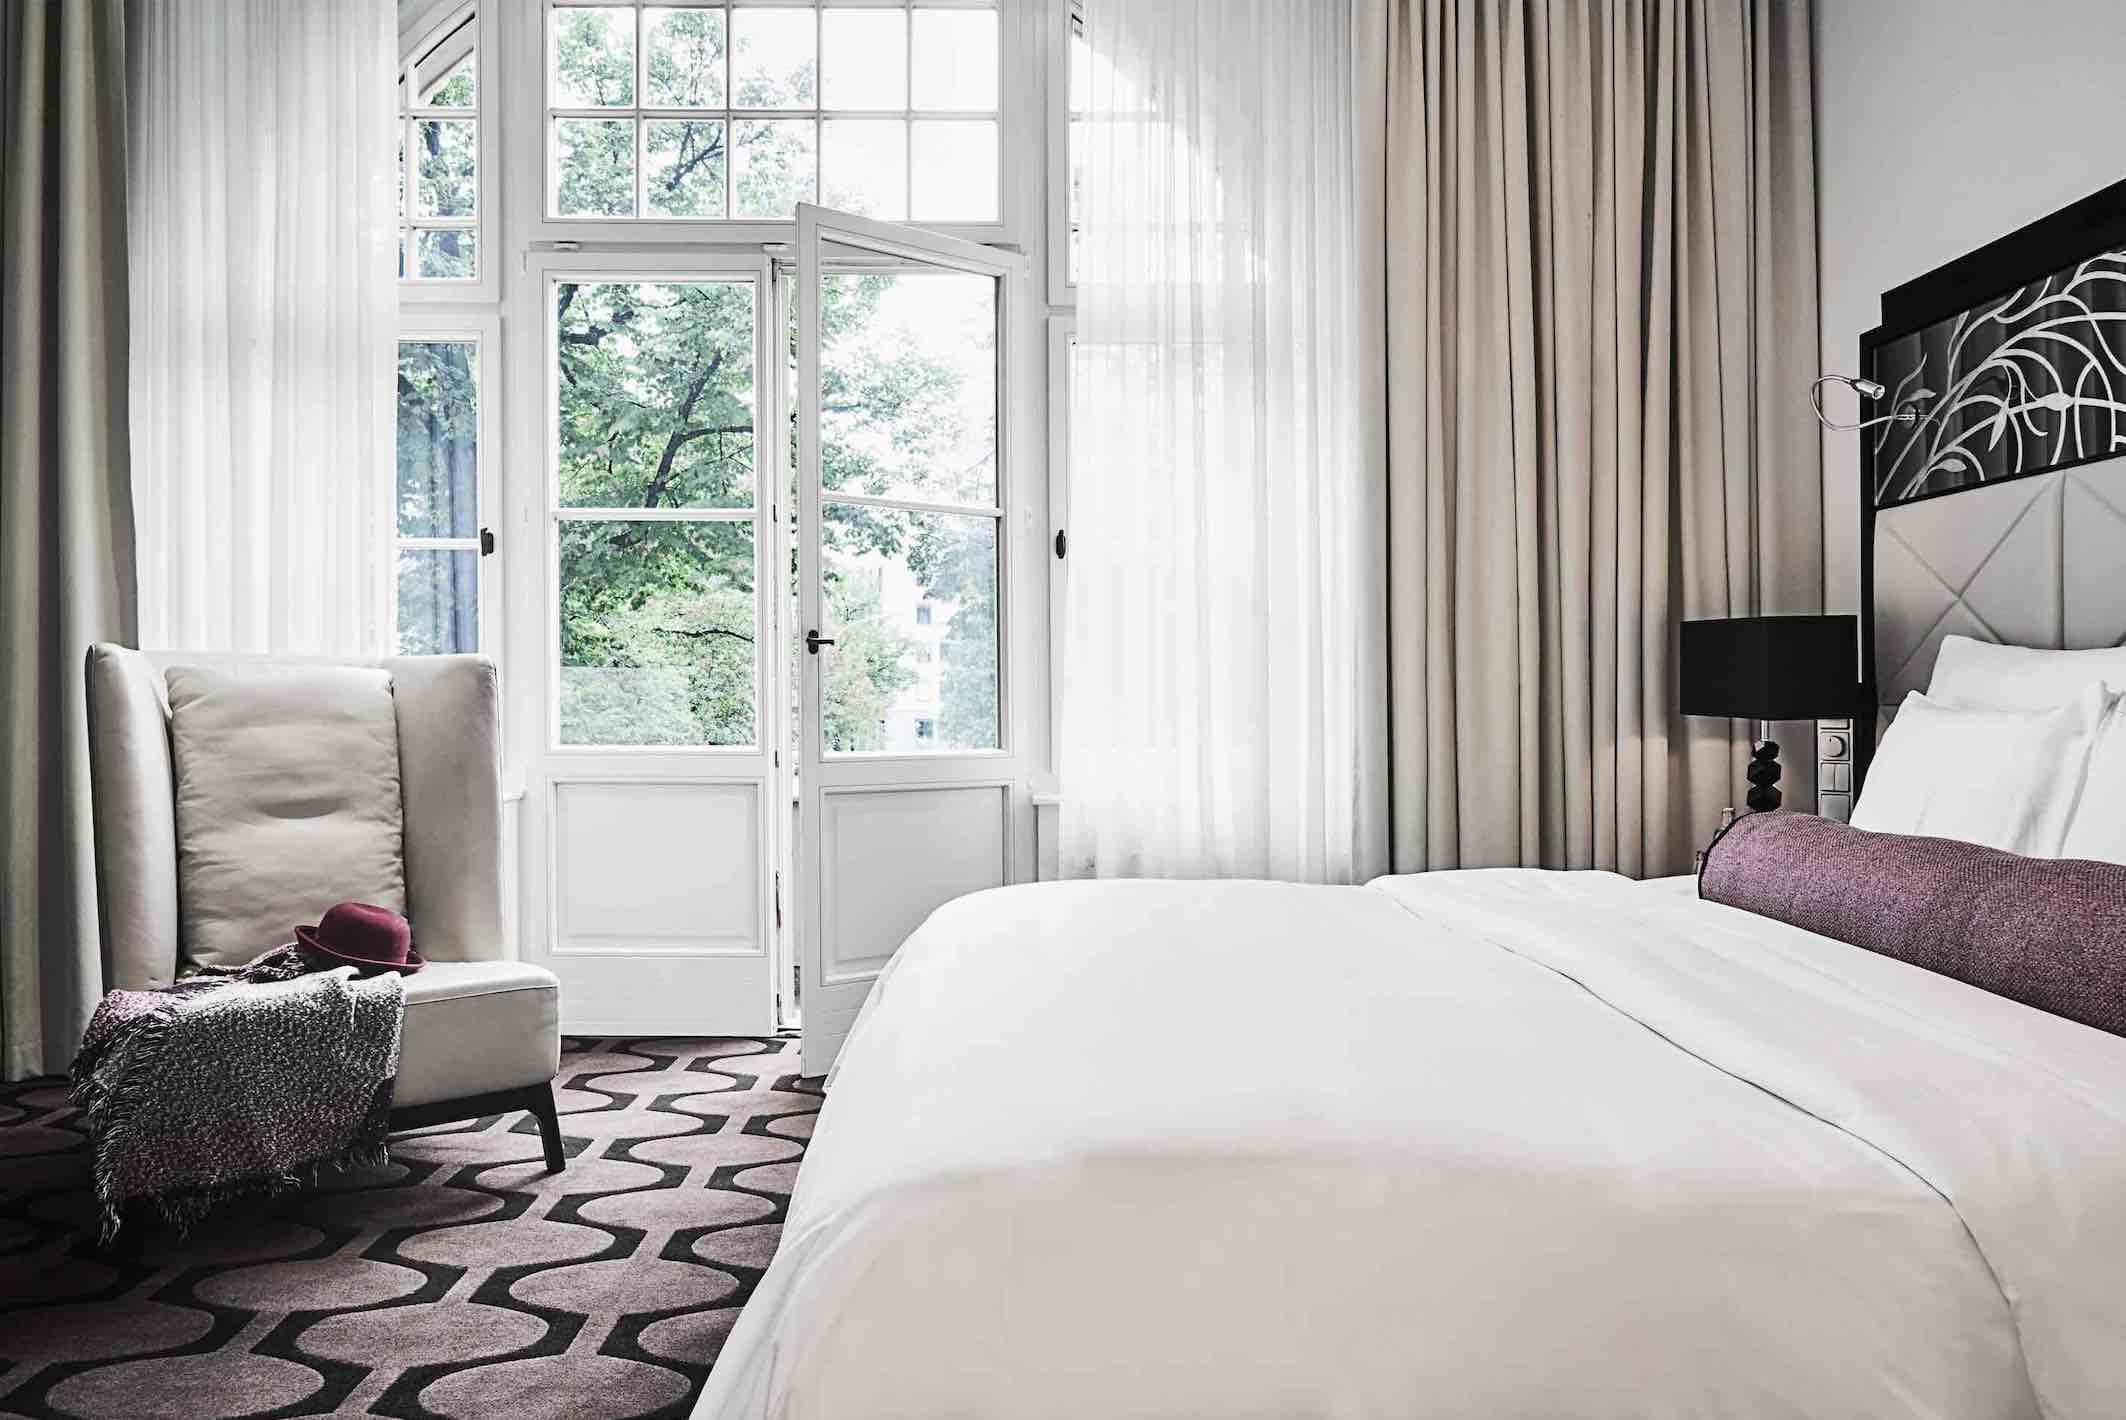 Hotel am Steinplatz boutique hotel in Berlin bedroom overlooking street and garden